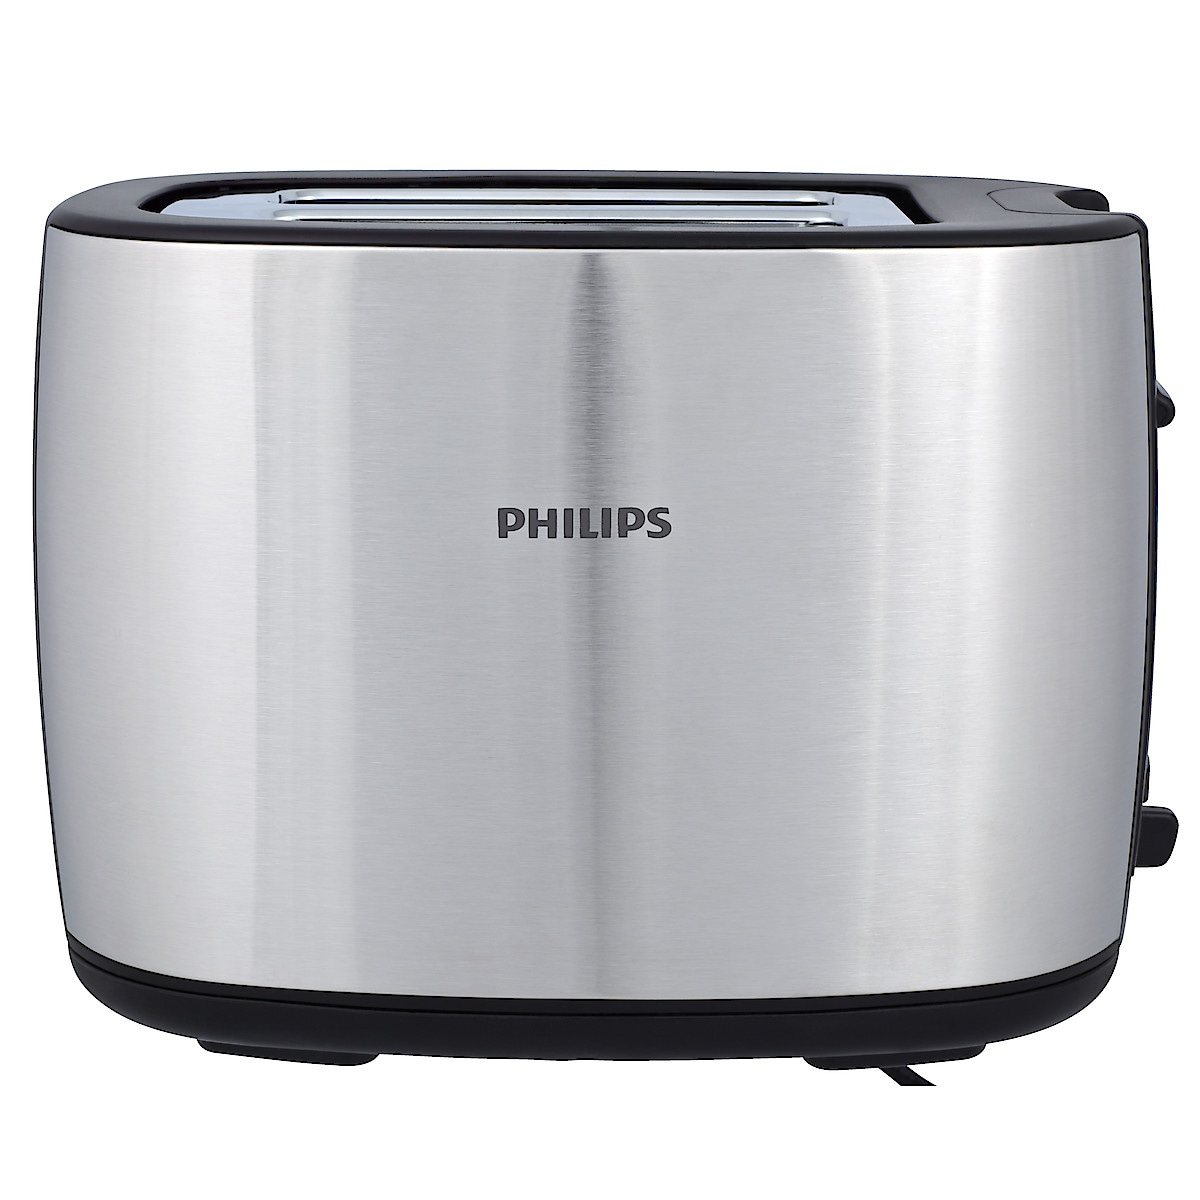 Philips HD2628 brødrister, 2 skiver